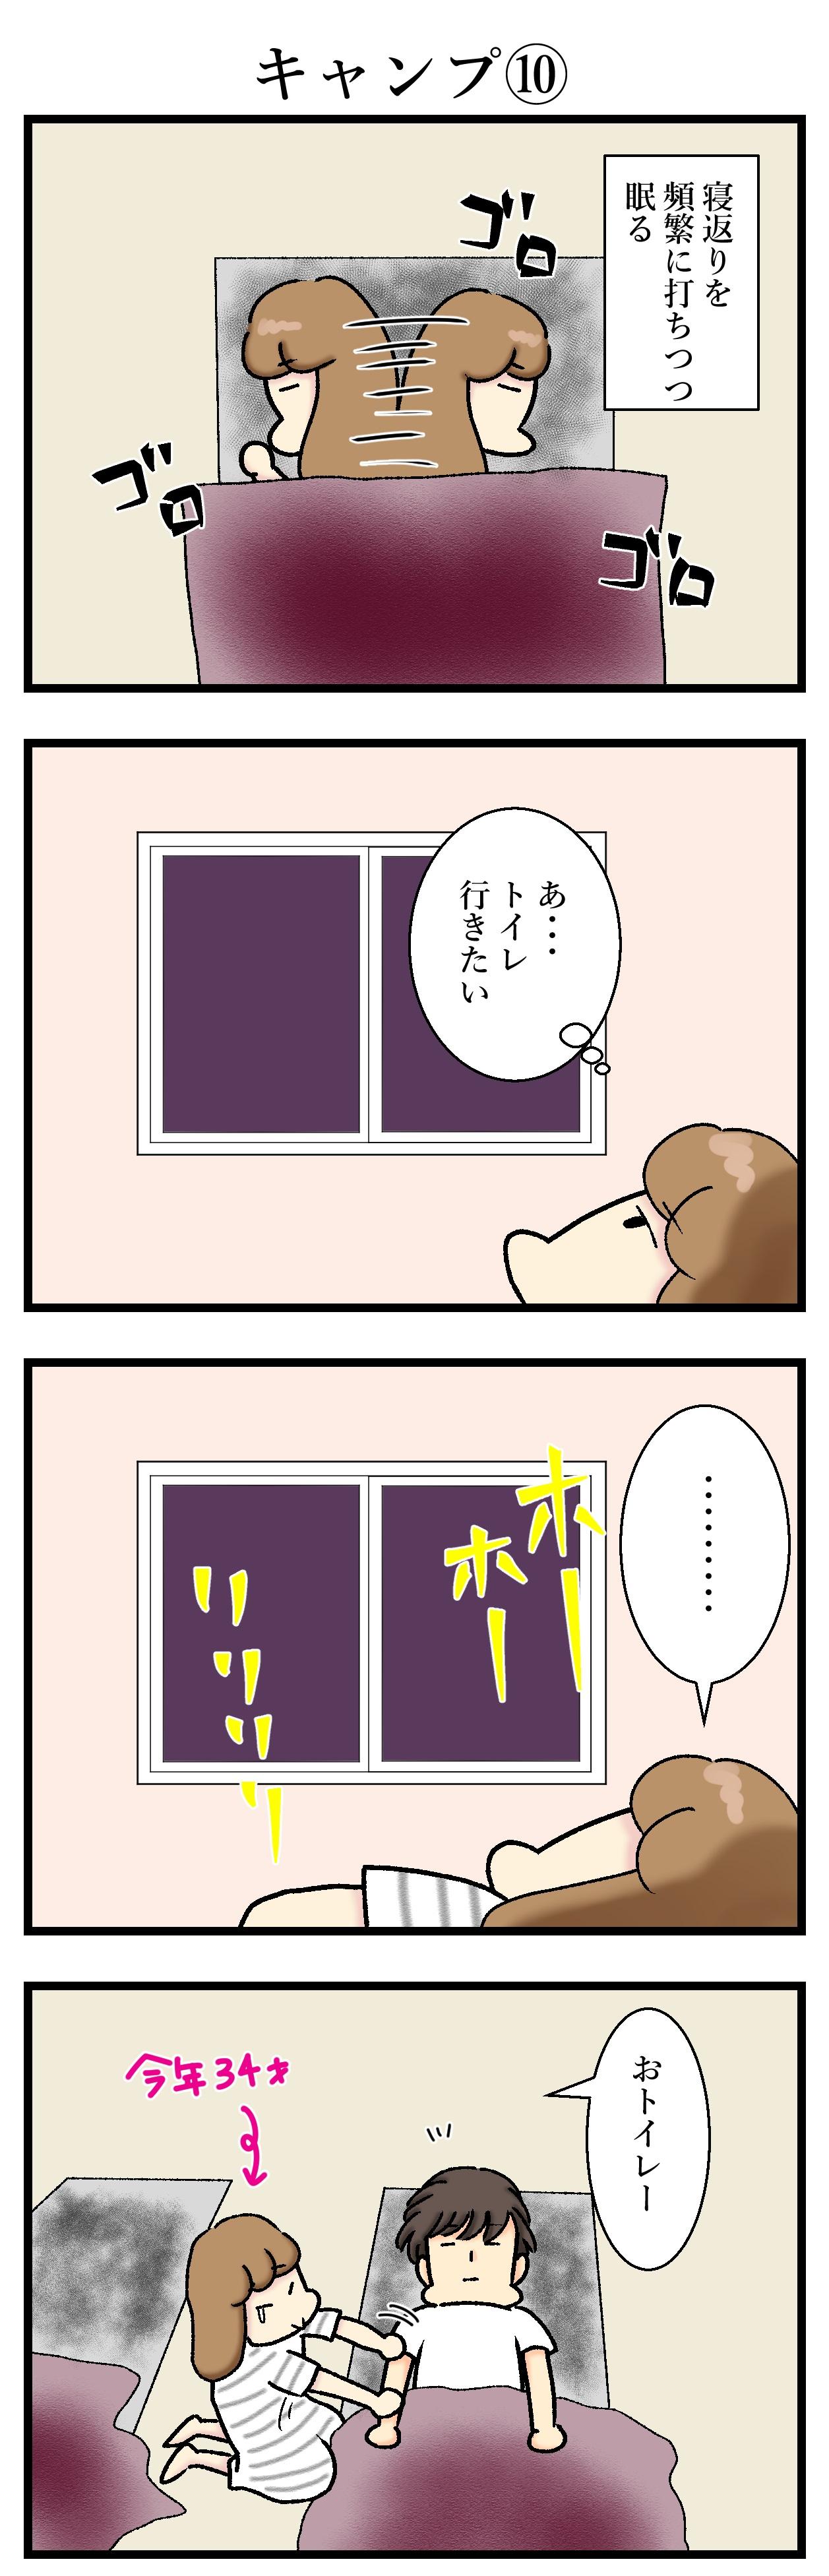 【エッセイ漫画】アラサー主婦くま子のふがいない日常(39)